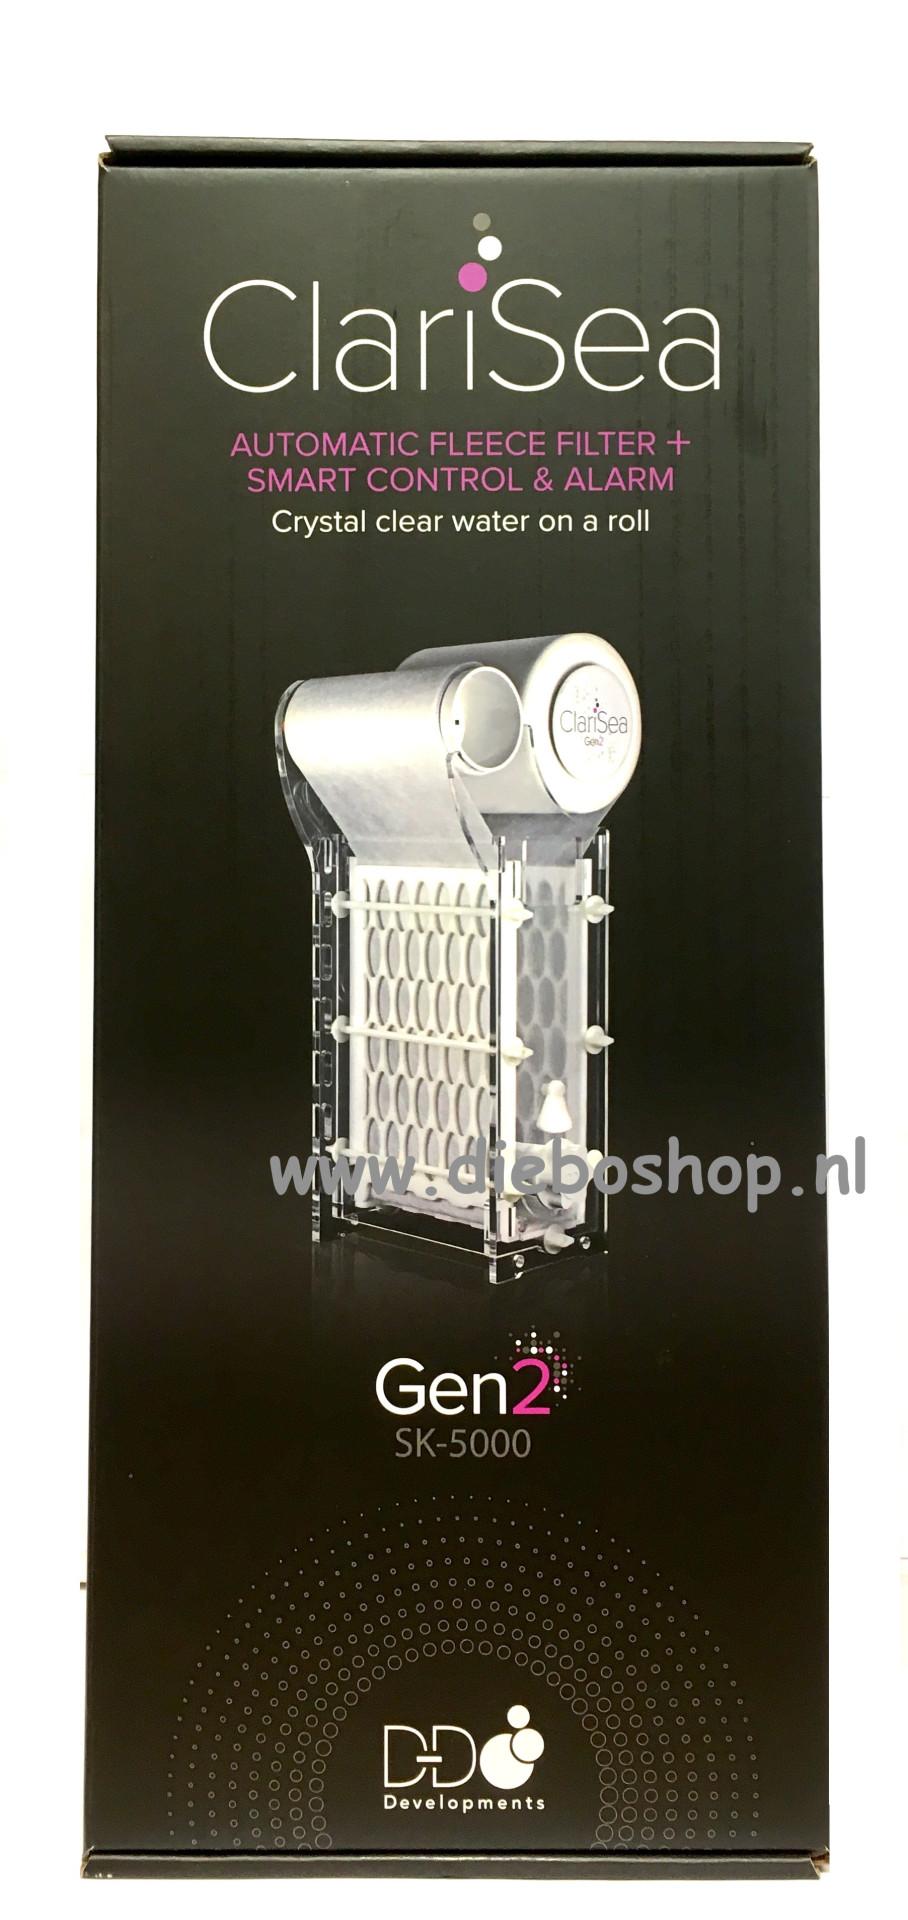 D-D Clarisea Gen 2 Sk-5000A Automatic